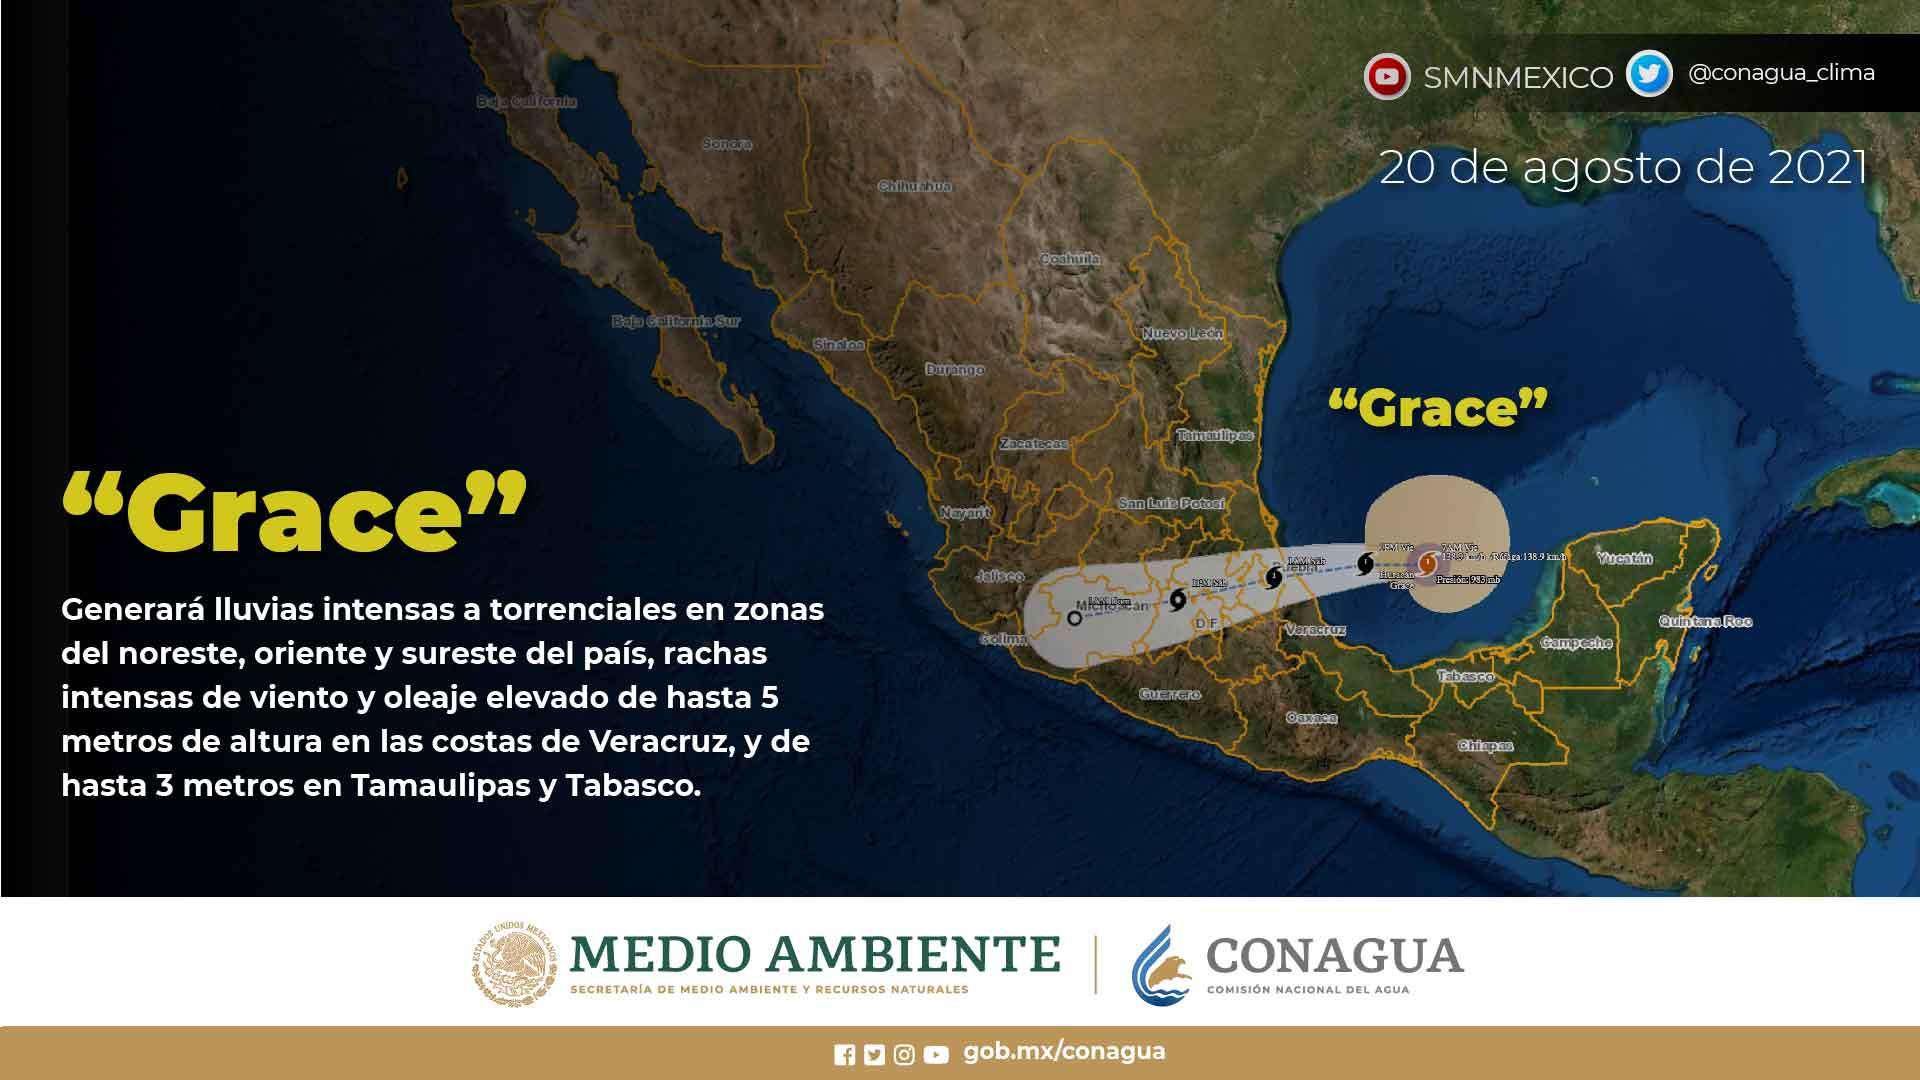 El huracán Grace mantiene su desplazamiento hacia el oeste, al tiempo que se aproxima a las costas de Veracruz